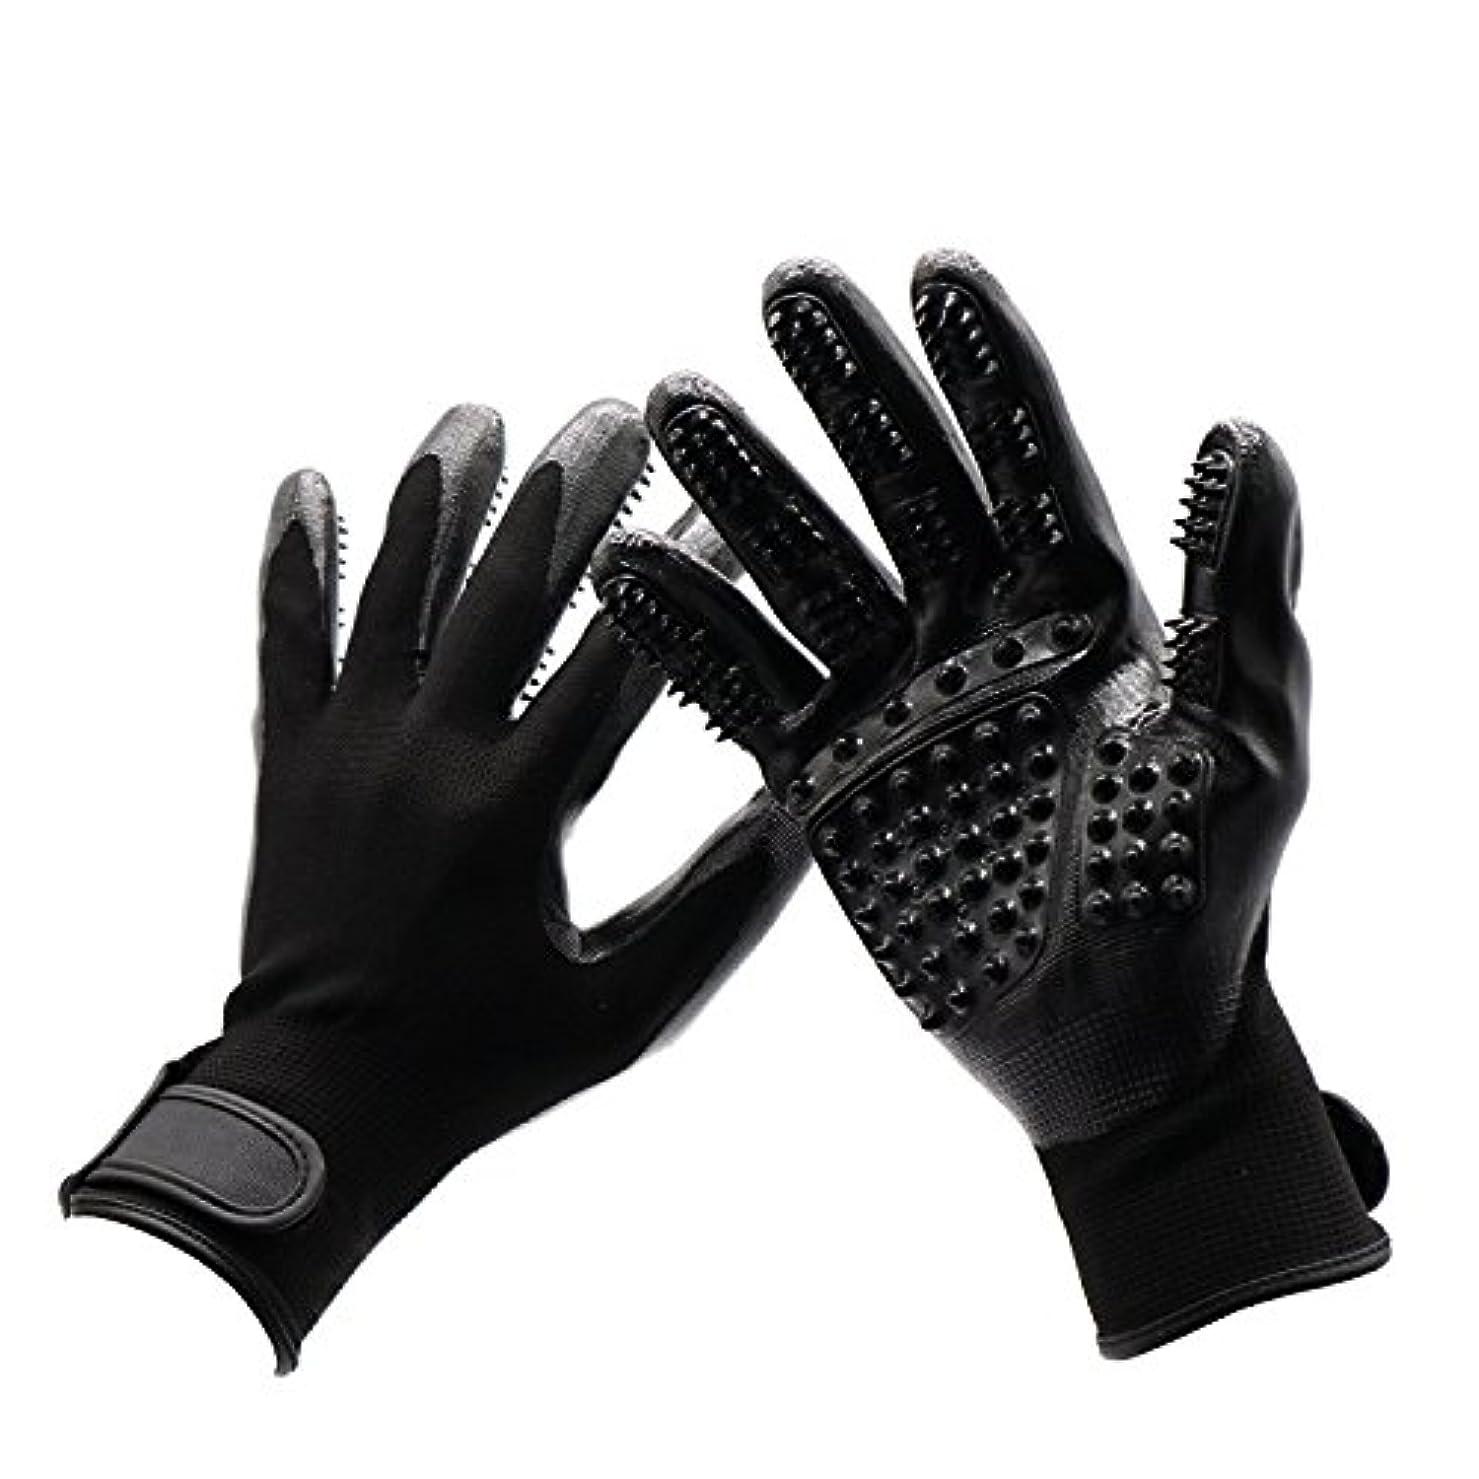 BTXXYJP 手袋 ペット ブラシ 猫 ブラシ グローブ クリーナー 抜け毛取り マッサージブラシ 犬 グローブ ペット毛取りブラシ お手入れ (Color : Black, Size : L- 9.6*5.5in)